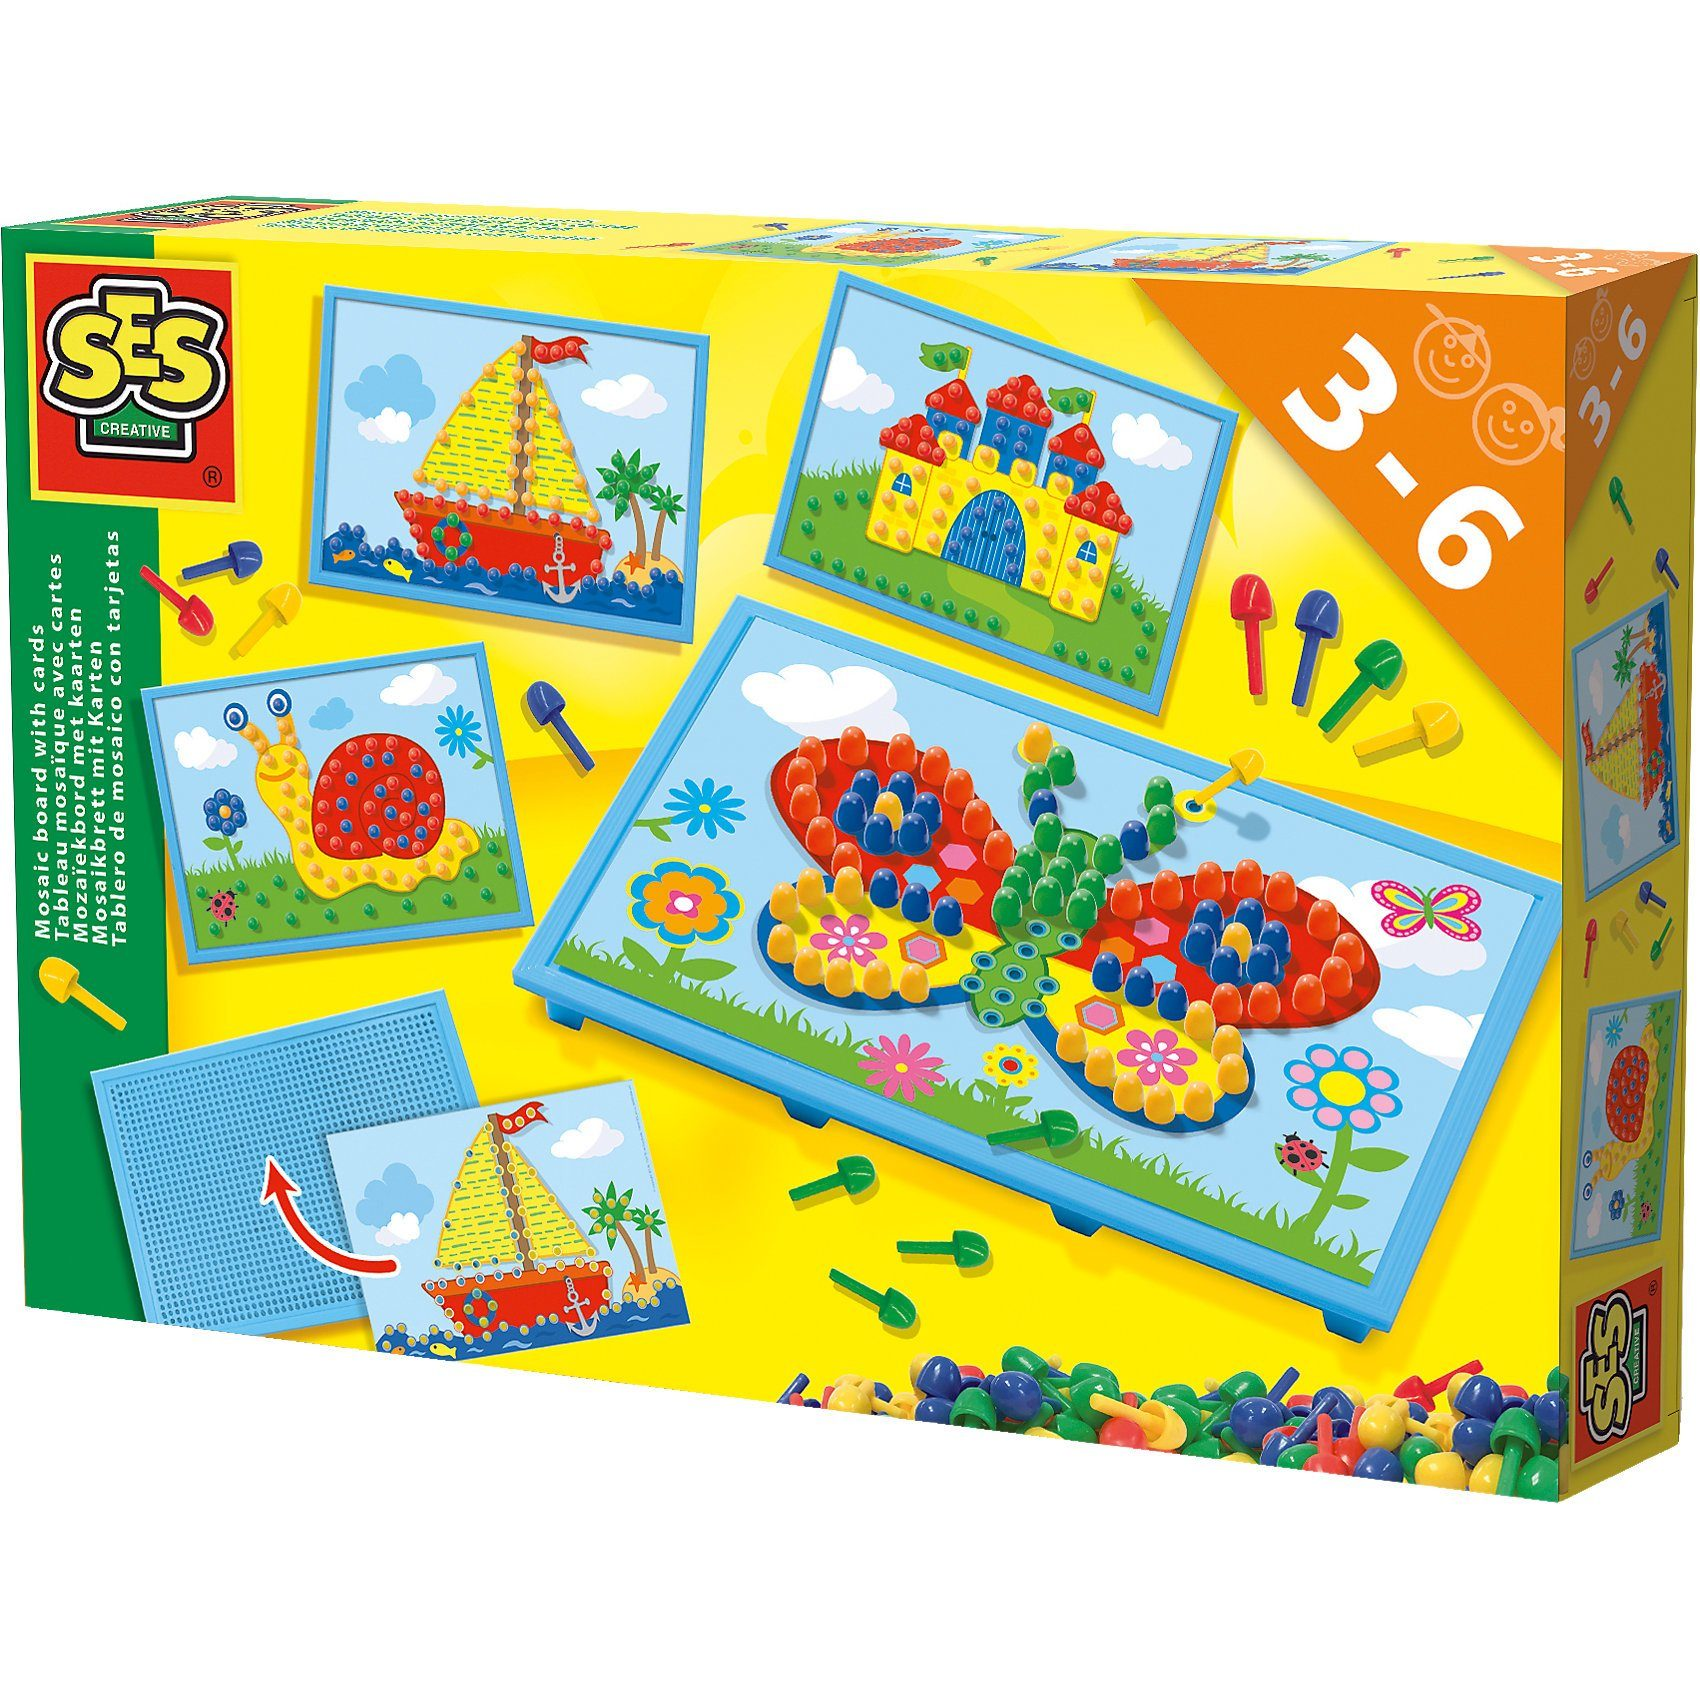 SES Creative Mosaikbrett mit Vorlagekarten